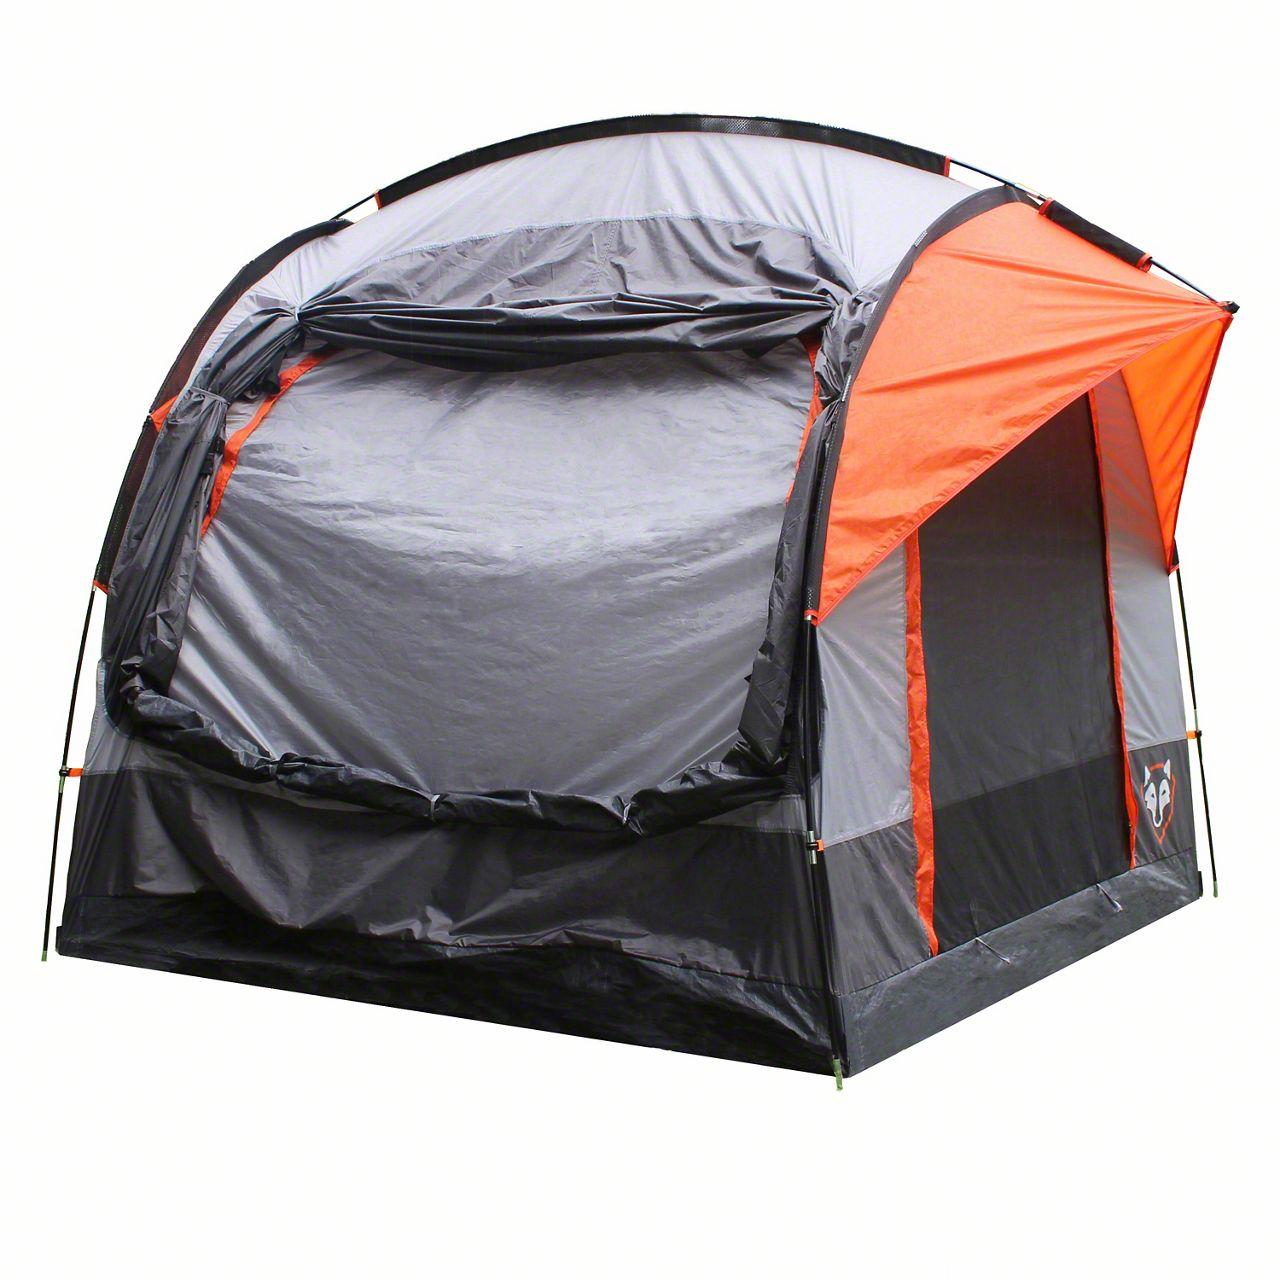 Rightline Gear Tacoma Suv Tent 110907